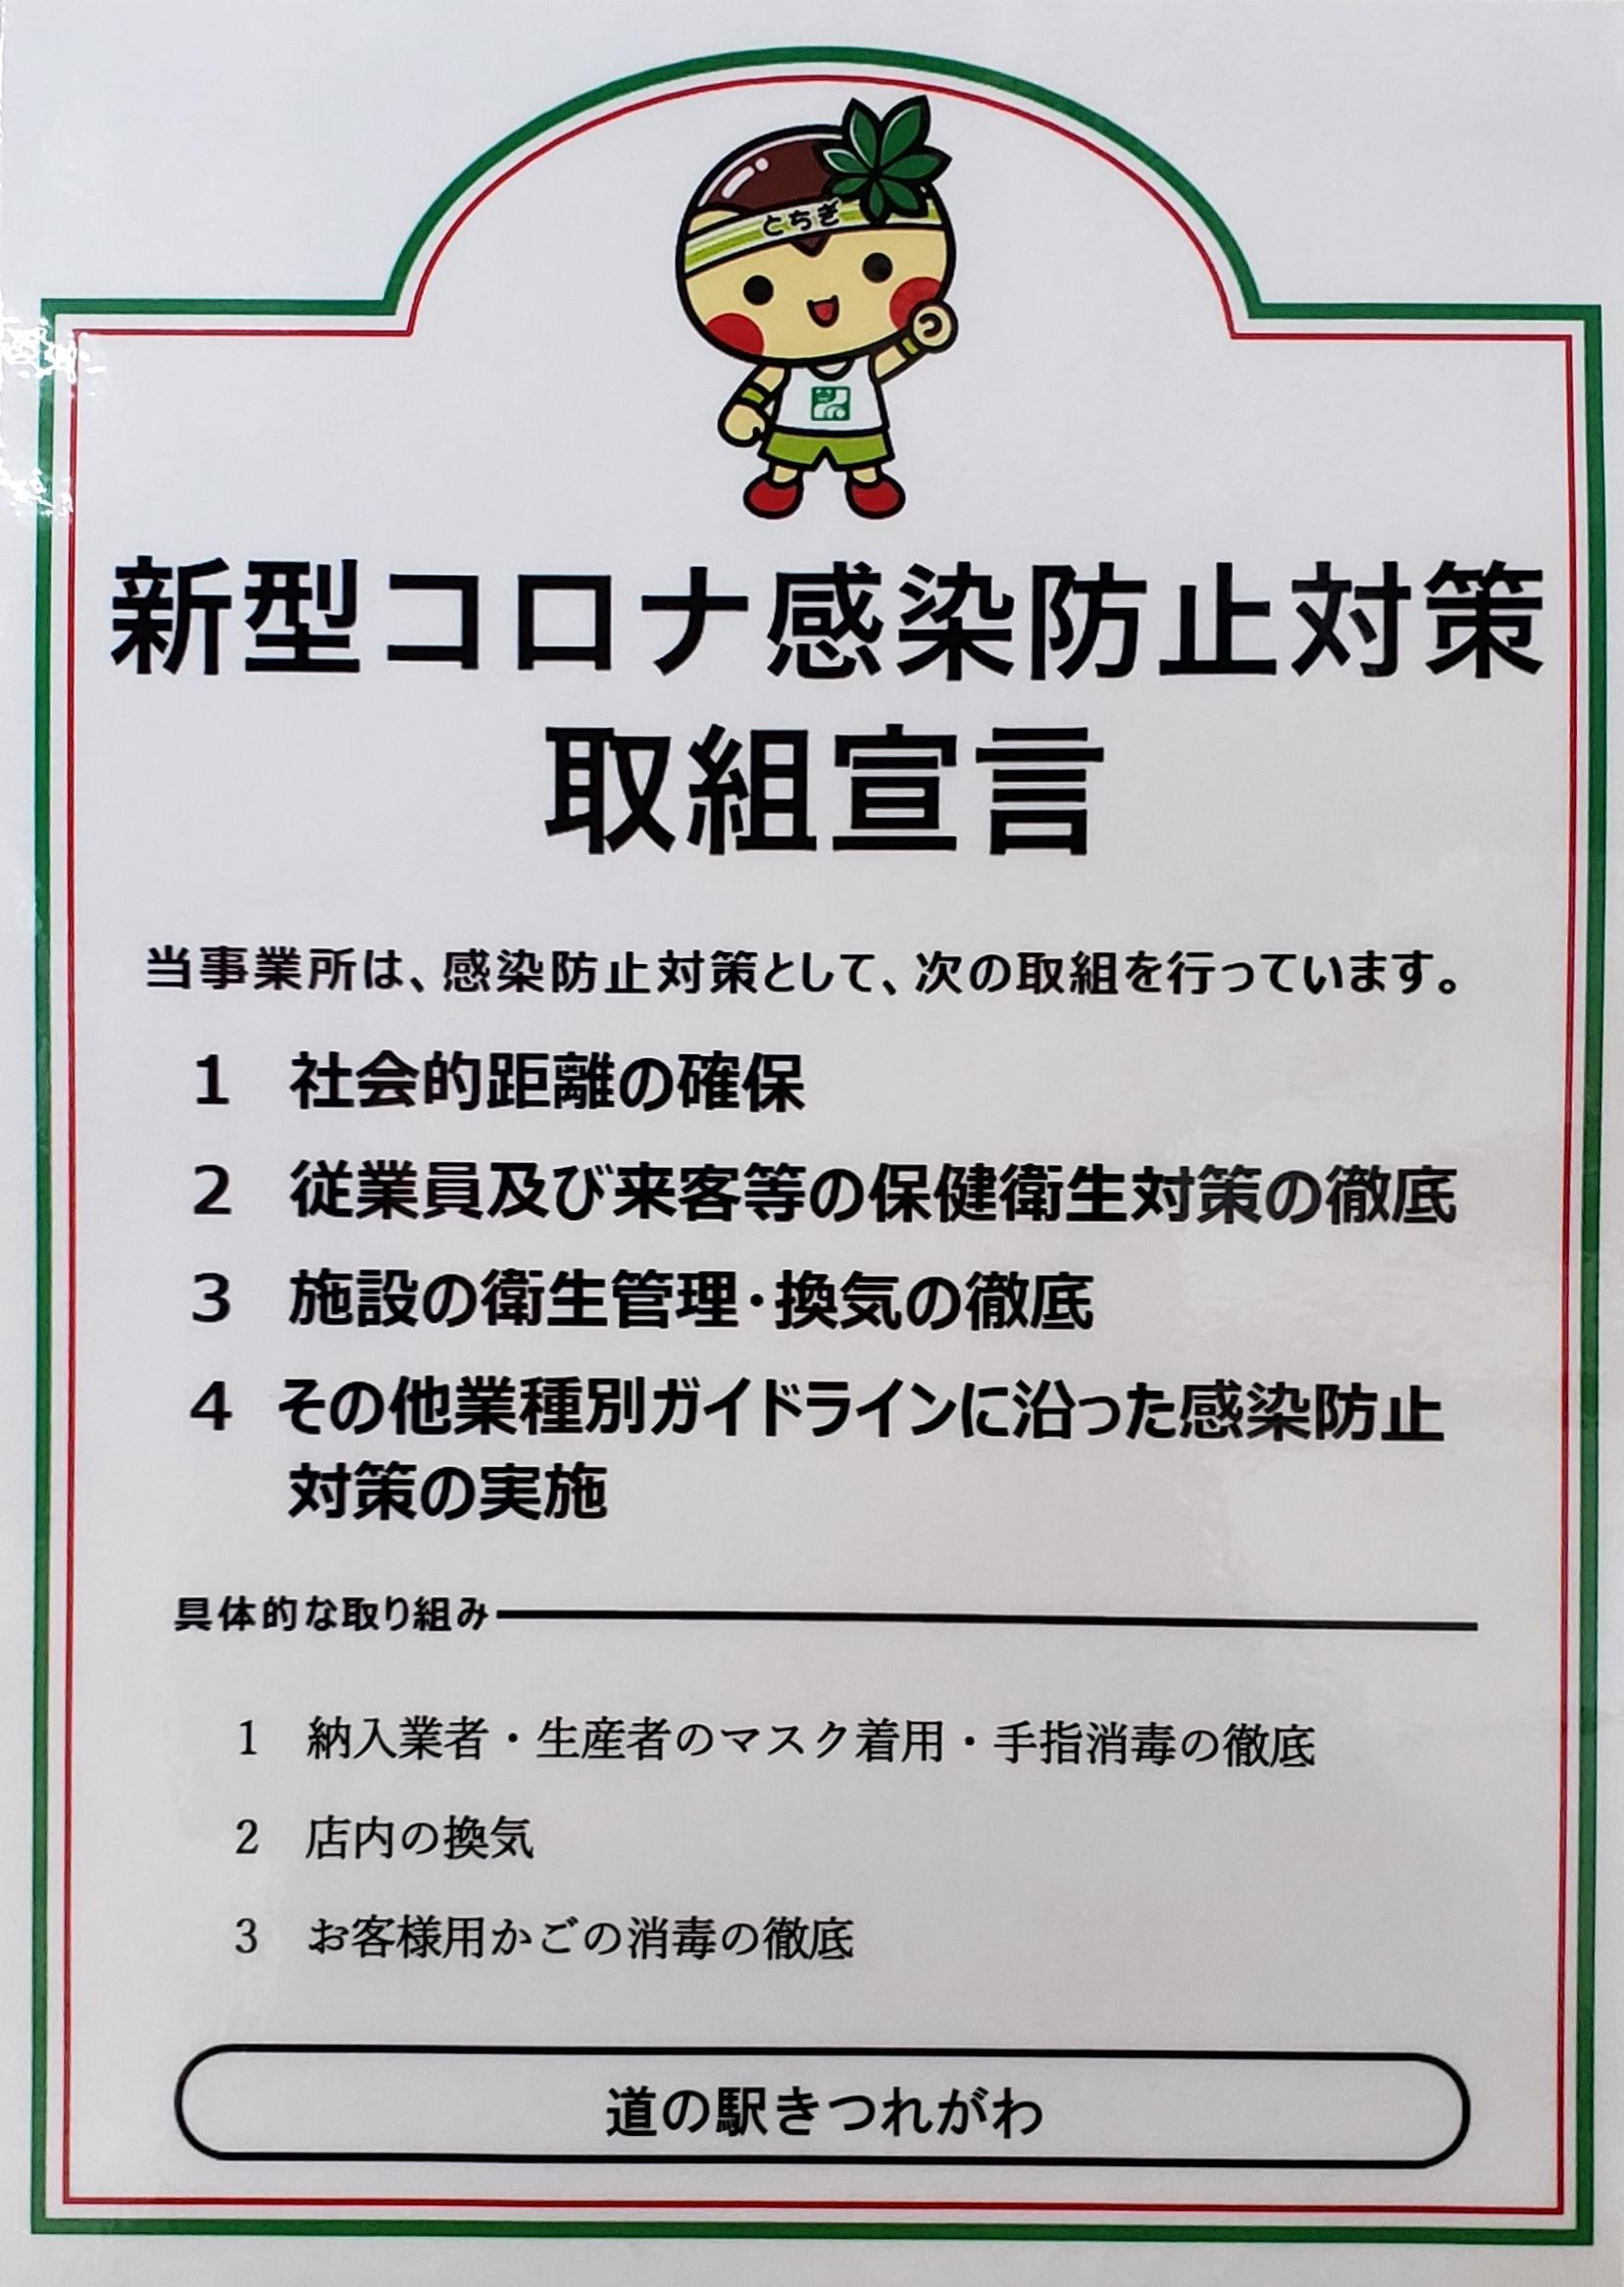 コロナ 今日 者 栃木 県 感染